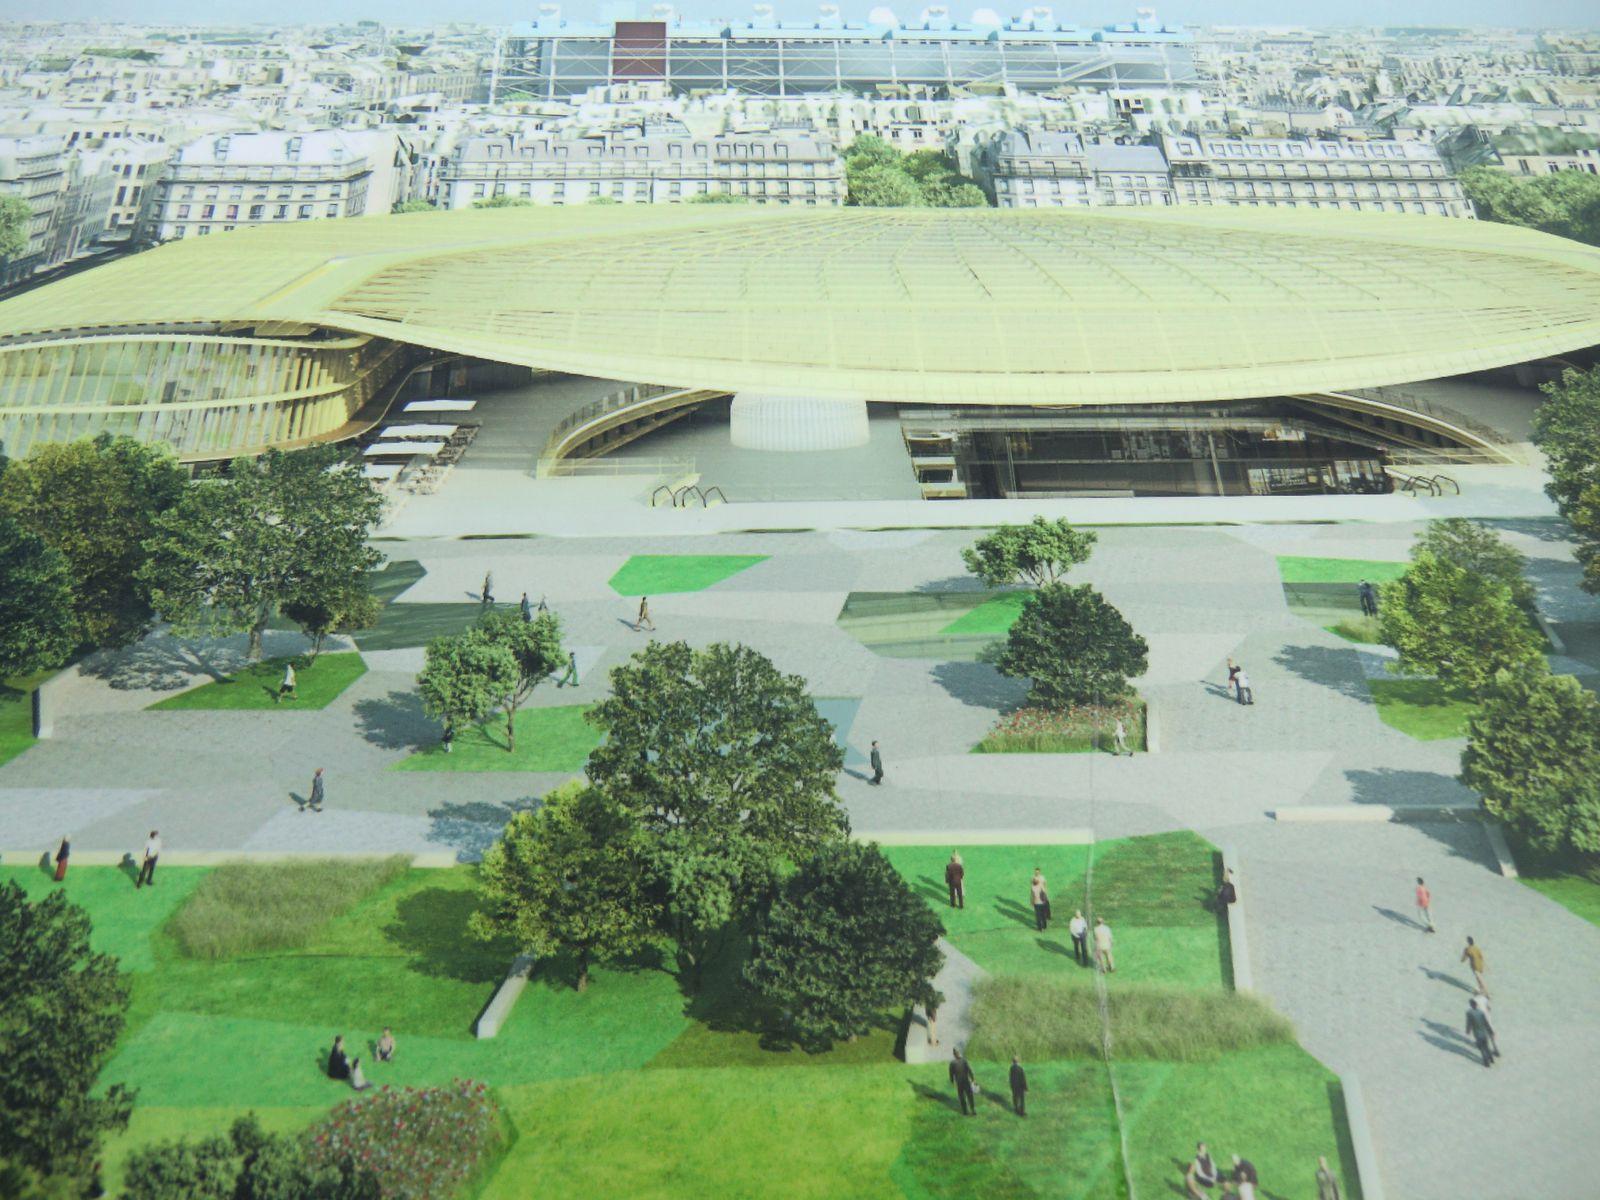 maquette du Jardin des Halles, la canopée au fond